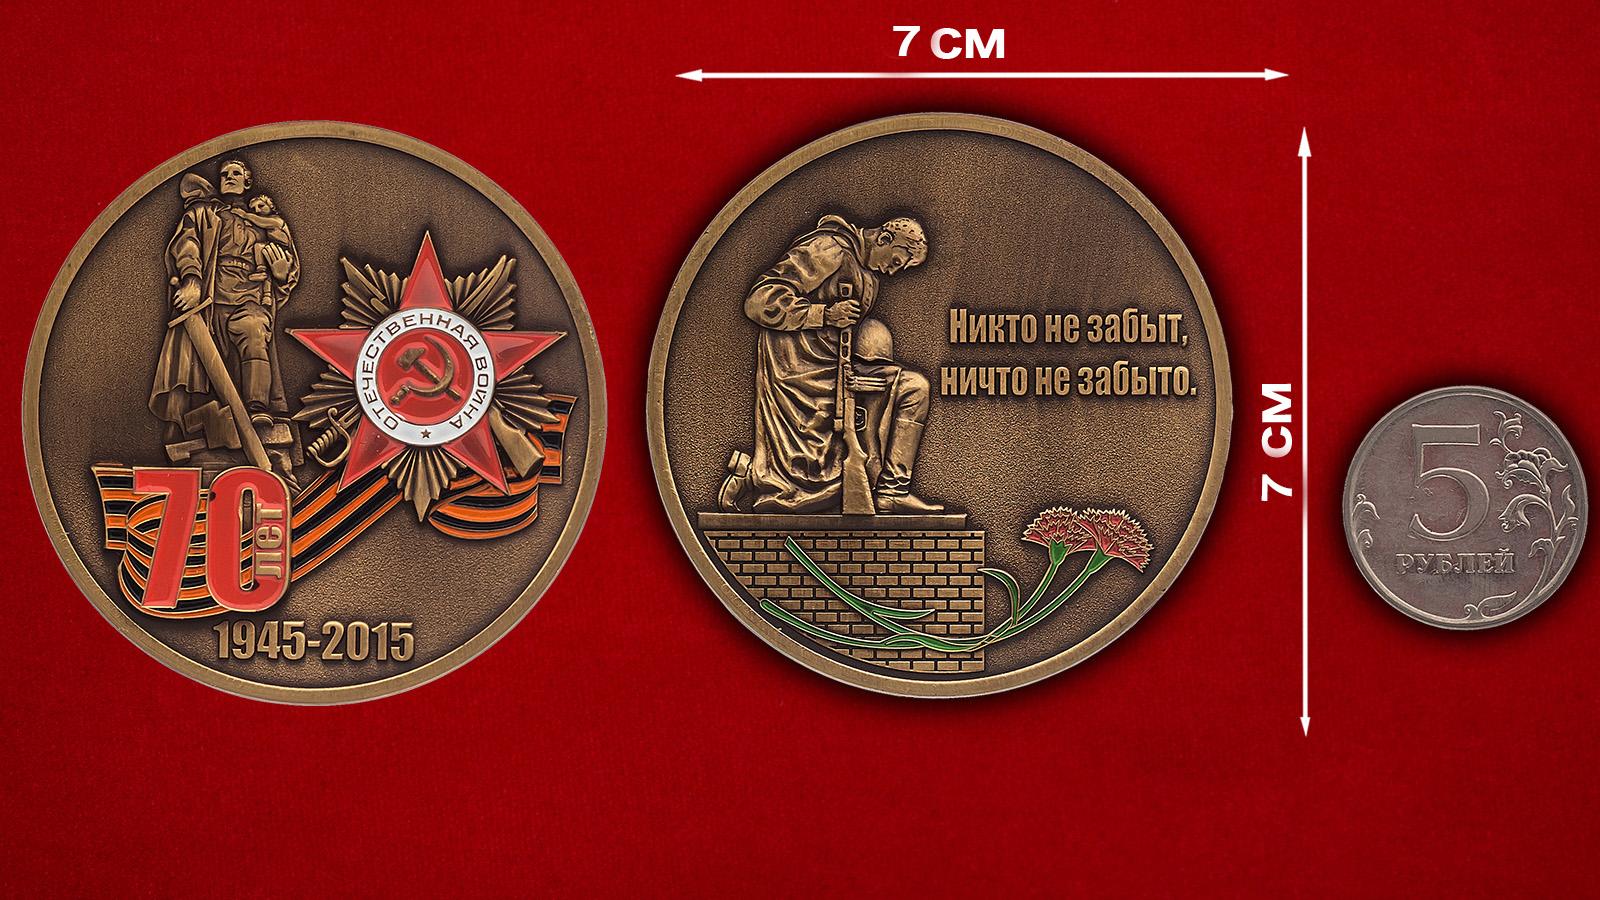 Памятная монета к 70-летию Победы в Великой Отечественной Войне